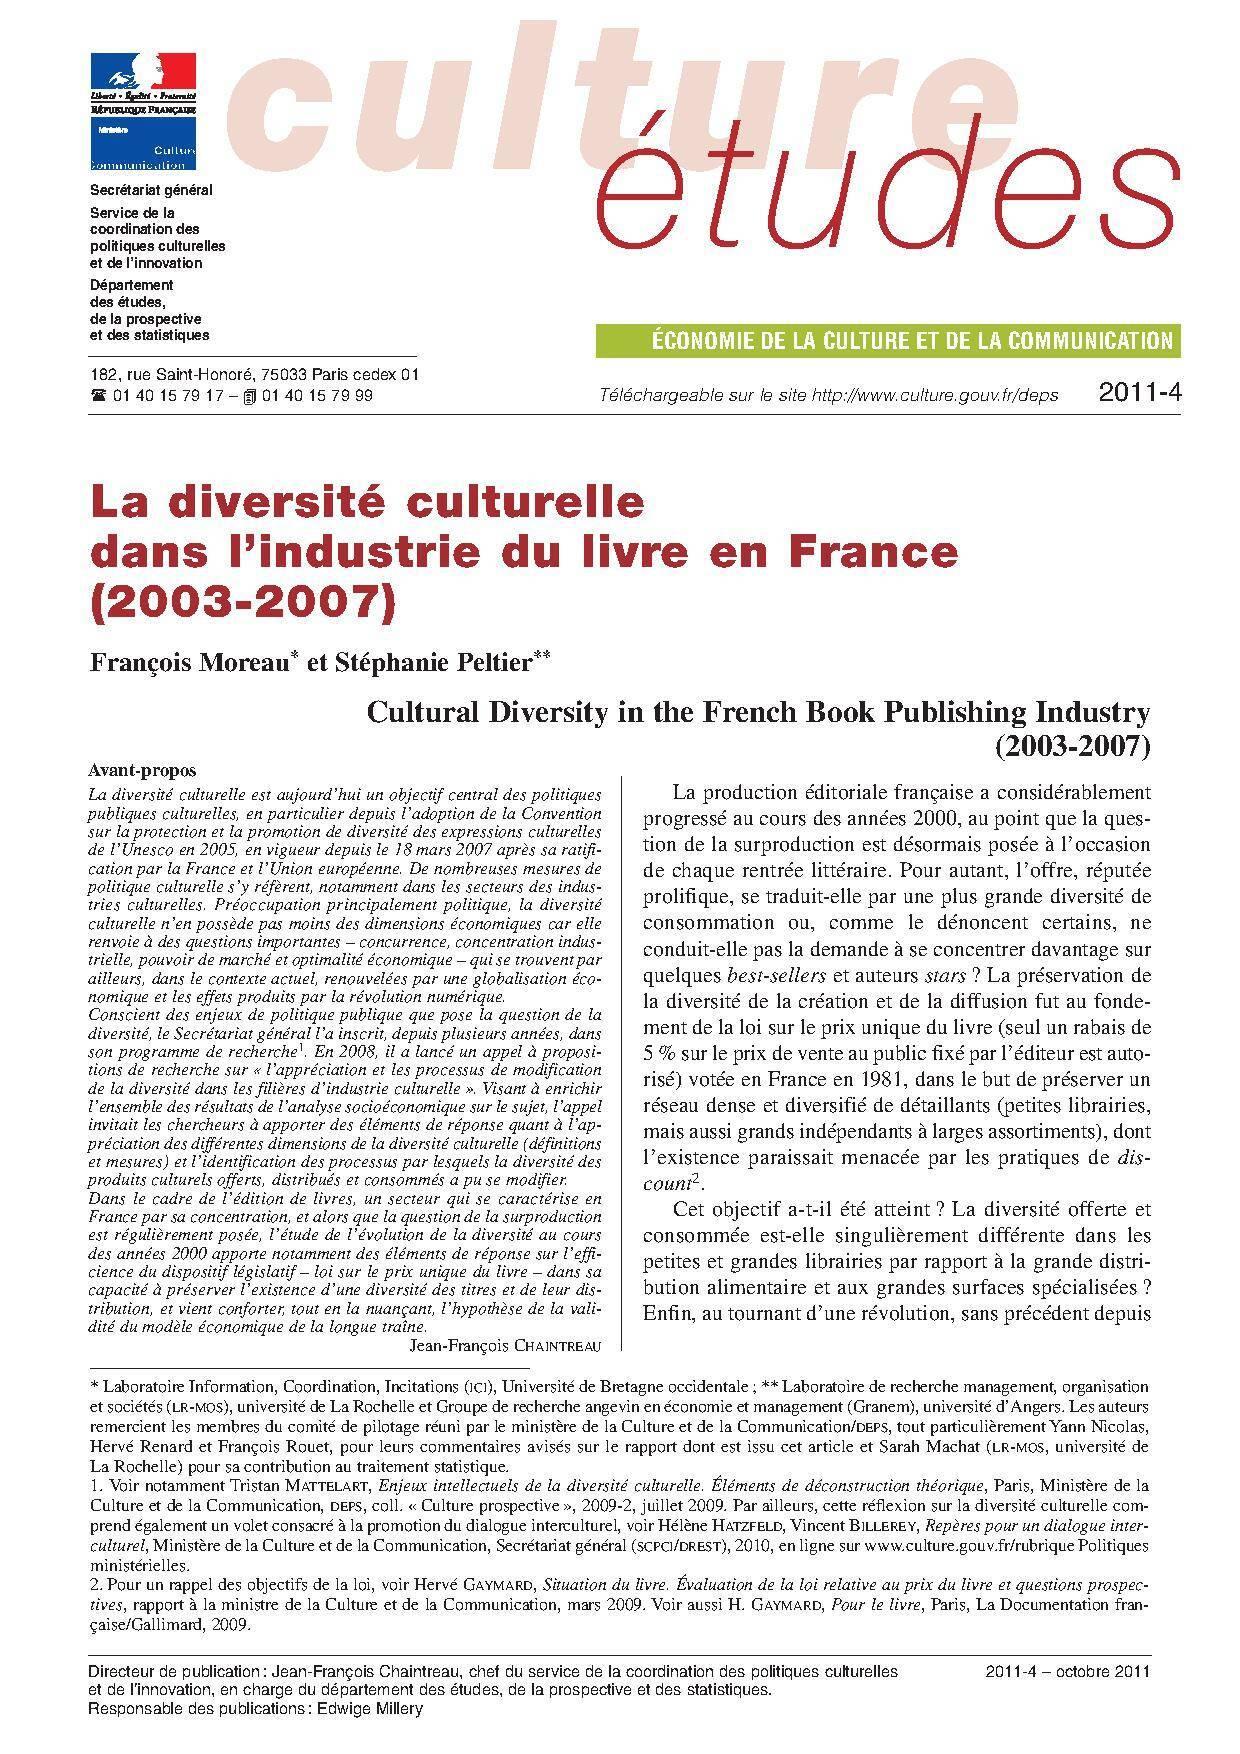 La diversité culturelle dans l'industrie du livre en France (2003-2007)